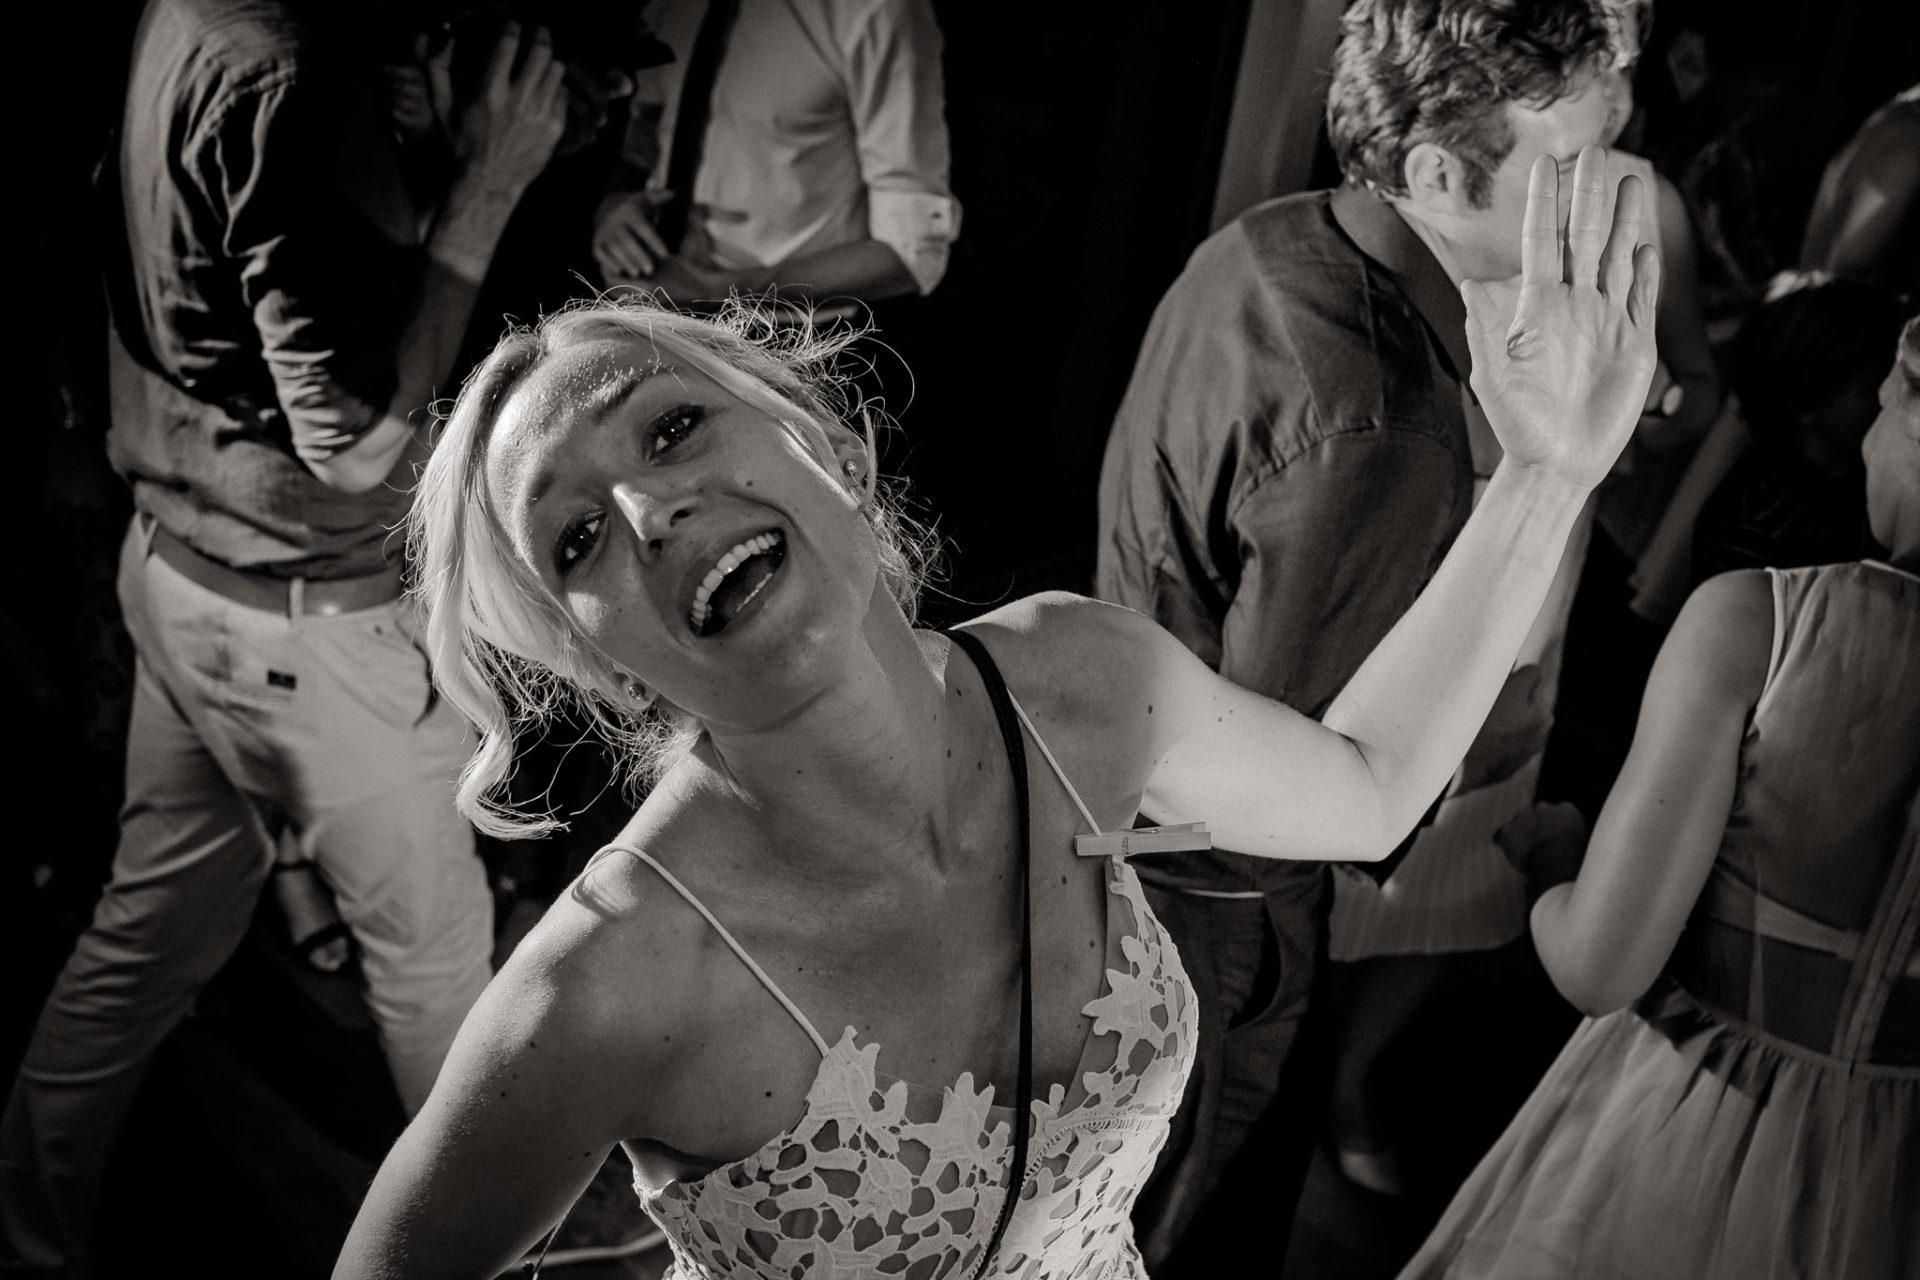 Weingut Fitz Ritter Hochzeitsfotograf-heiraten Pfalz-Sommerhochzeit Party Tanz